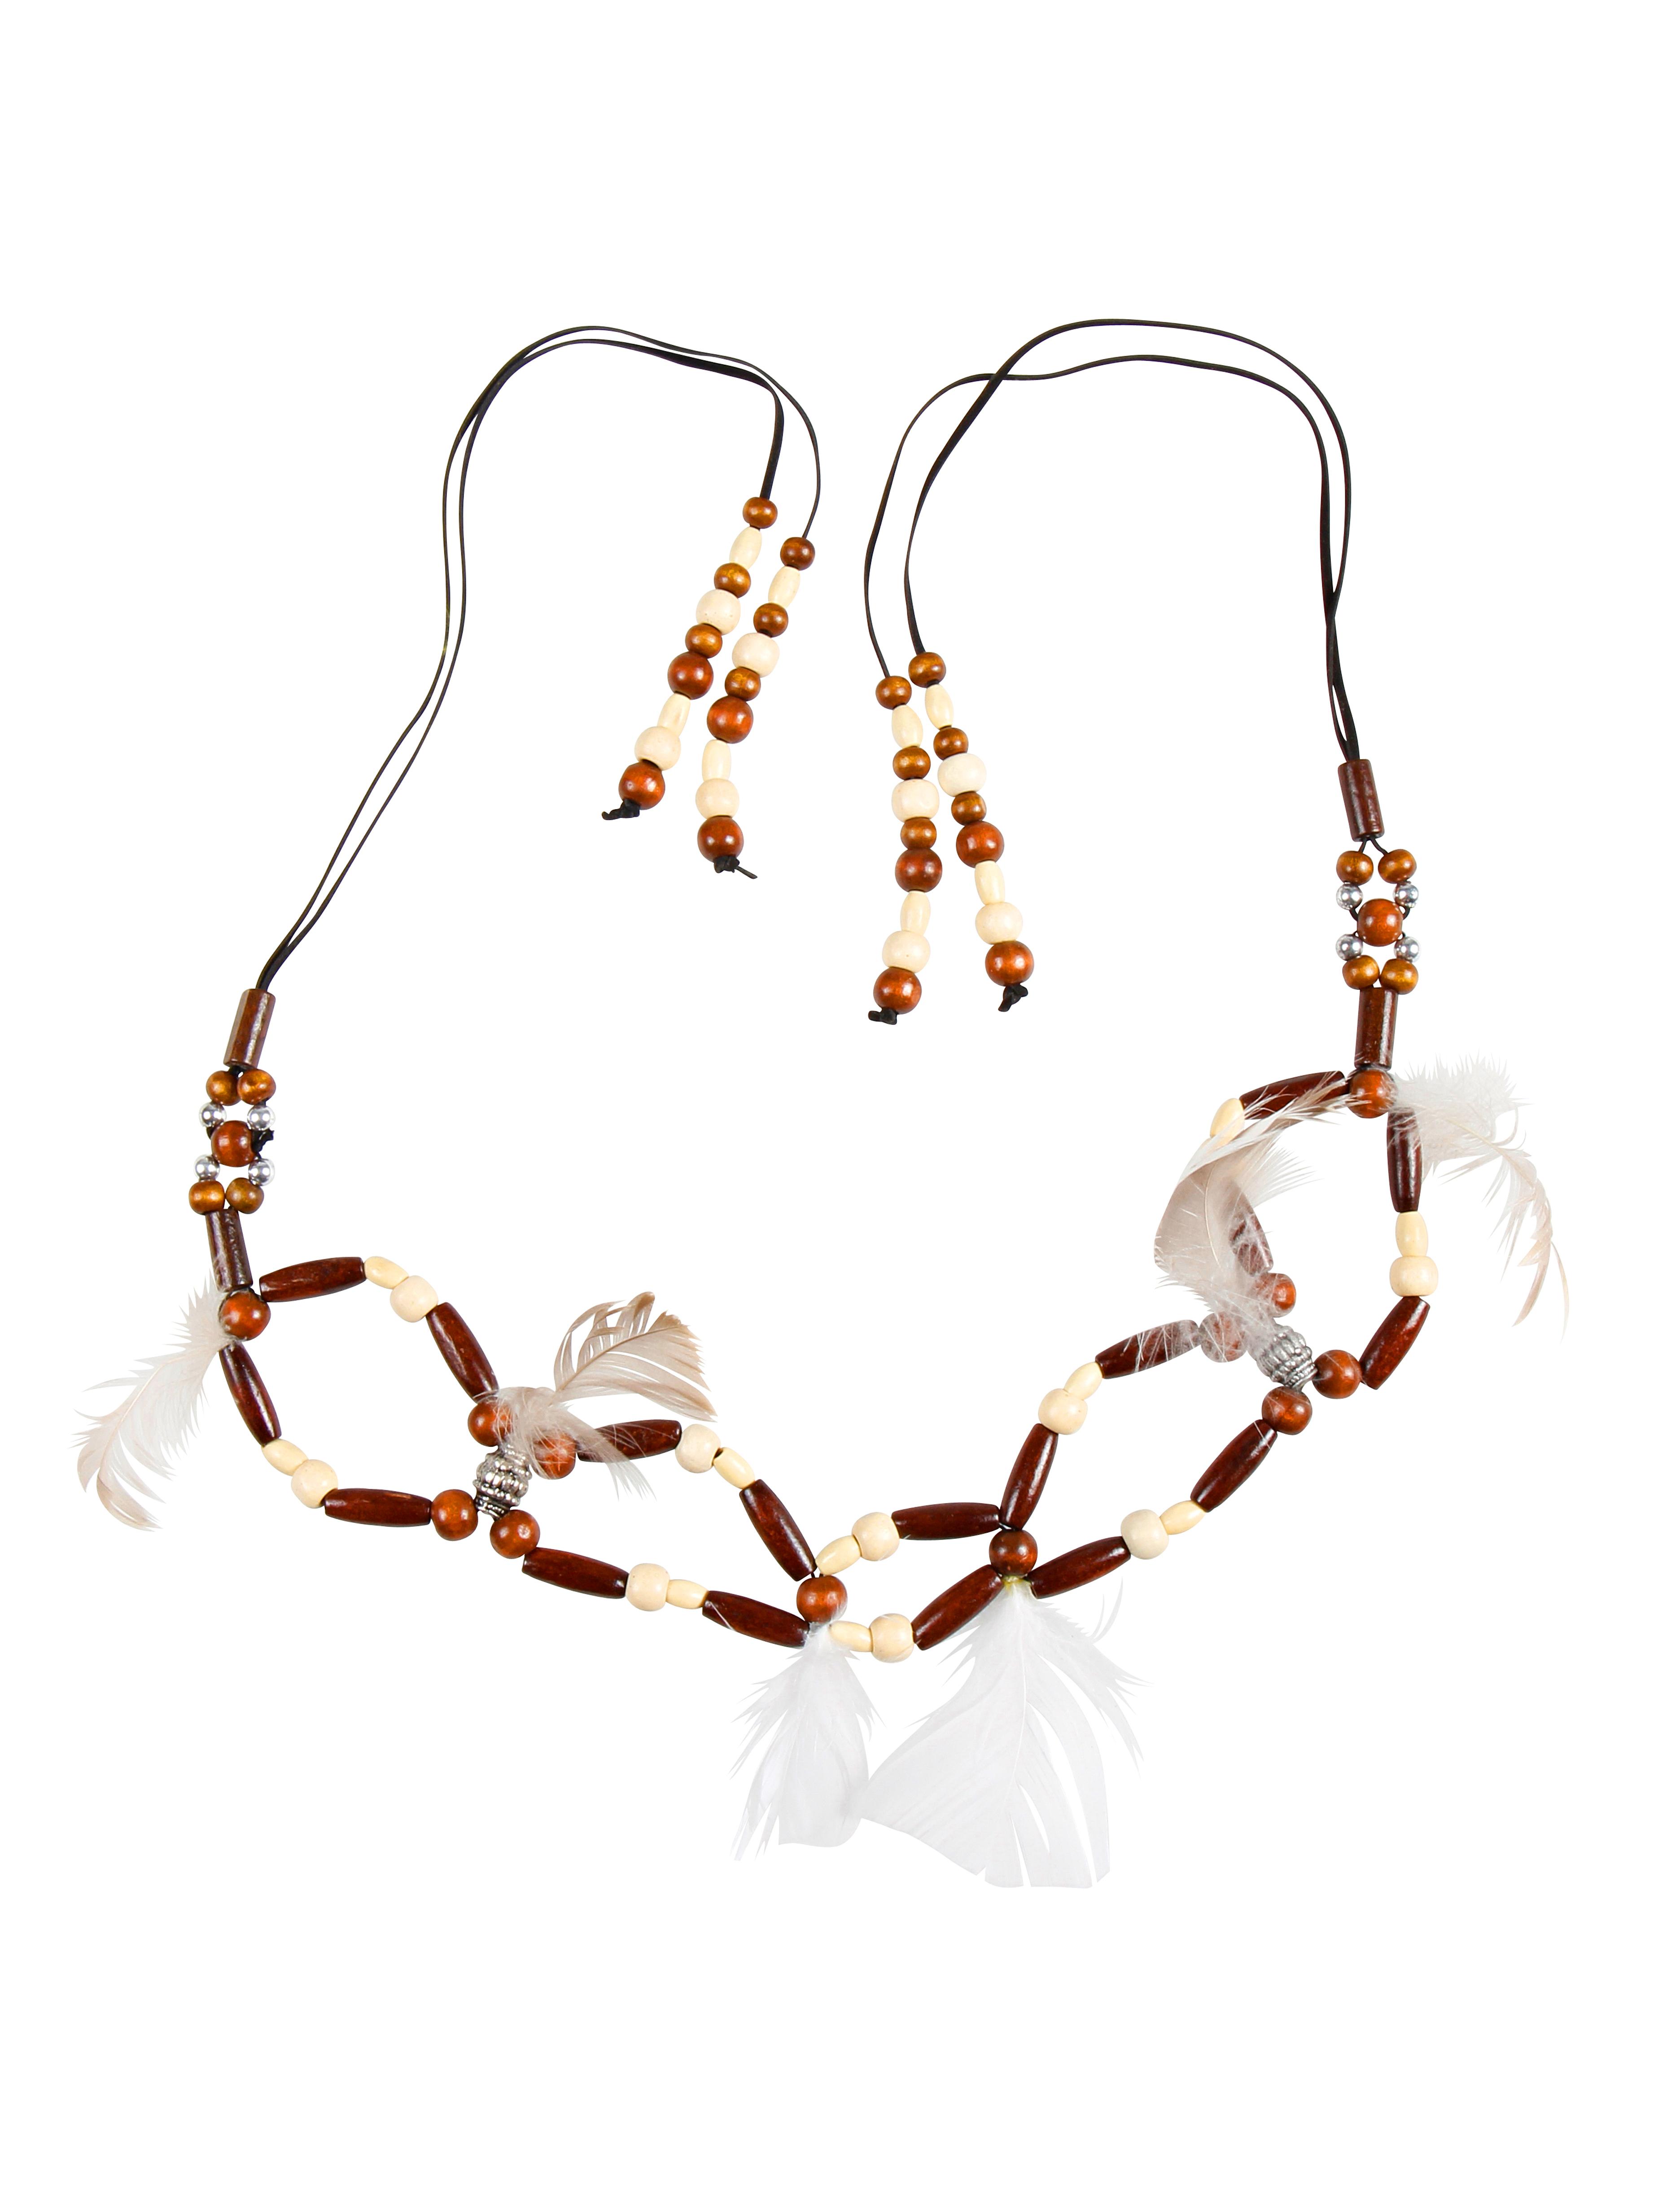 Kostuemzubehor Halskette mit Kuegelchen und Federn Farbe: braun/weiss